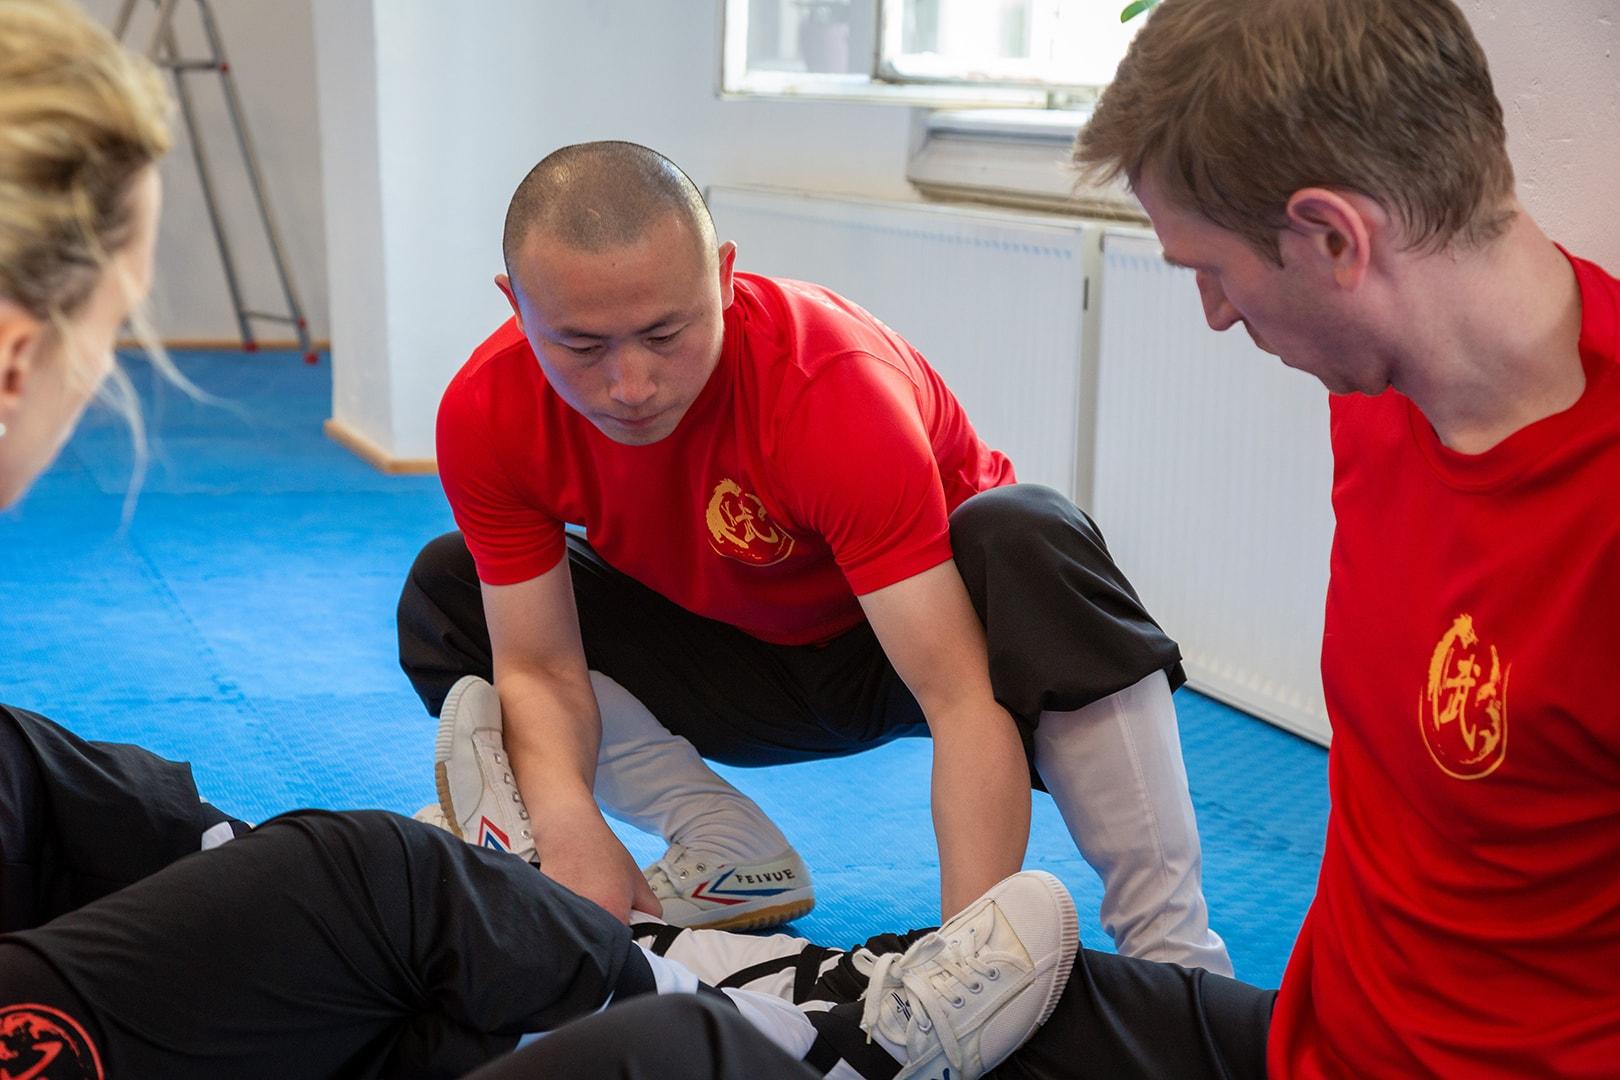 Shaolin-Wushu-Training-Center-Kung-Fu-in-Wien-6